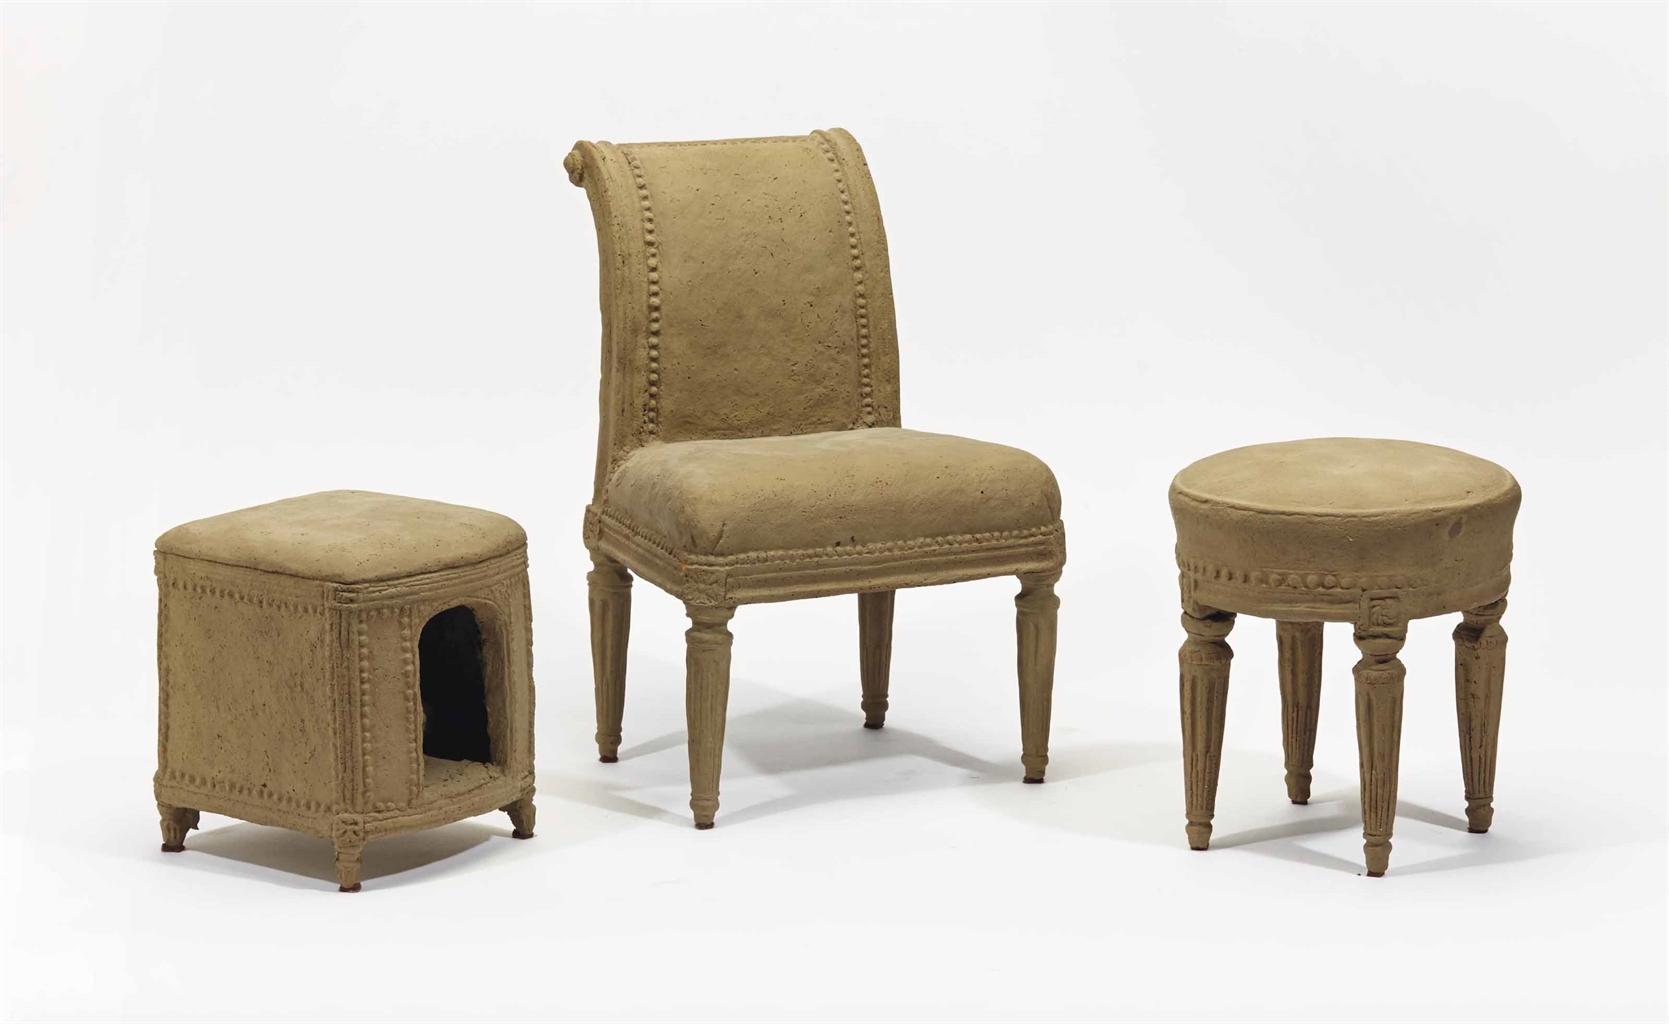 Trois modeles de meuble de style louis xvi xxeme siecle - Meuble style louis xvi ...